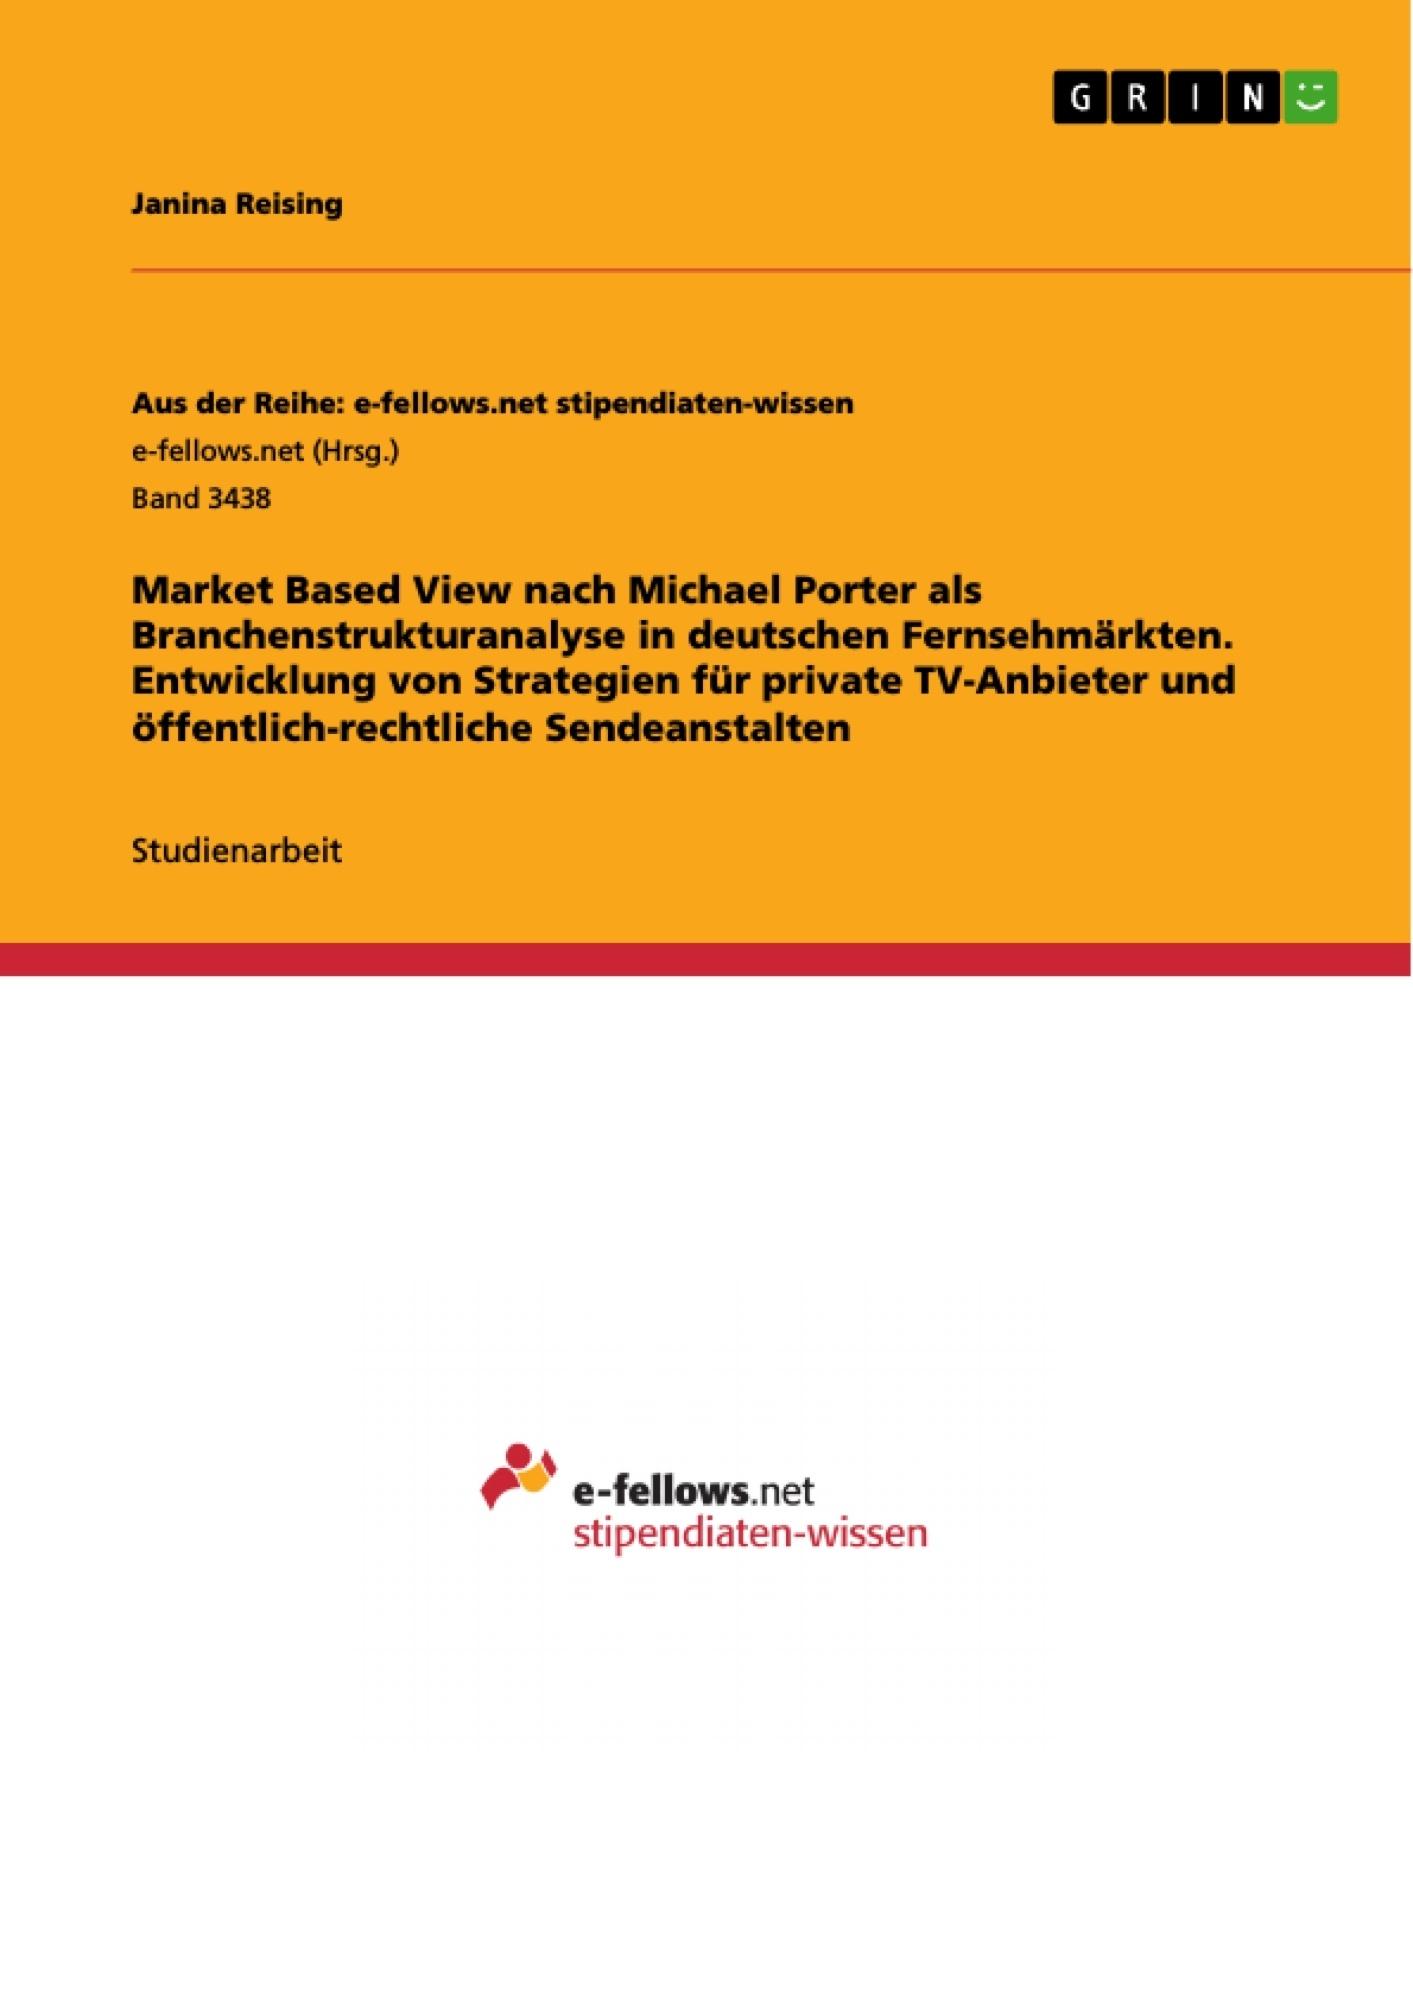 Titel: Market Based View nach Michael Porter als Branchenstrukturanalyse in deutschen Fernsehmärkten. Entwicklung von Strategien für private TV-Anbieter und öffentlich-rechtliche Sendeanstalten